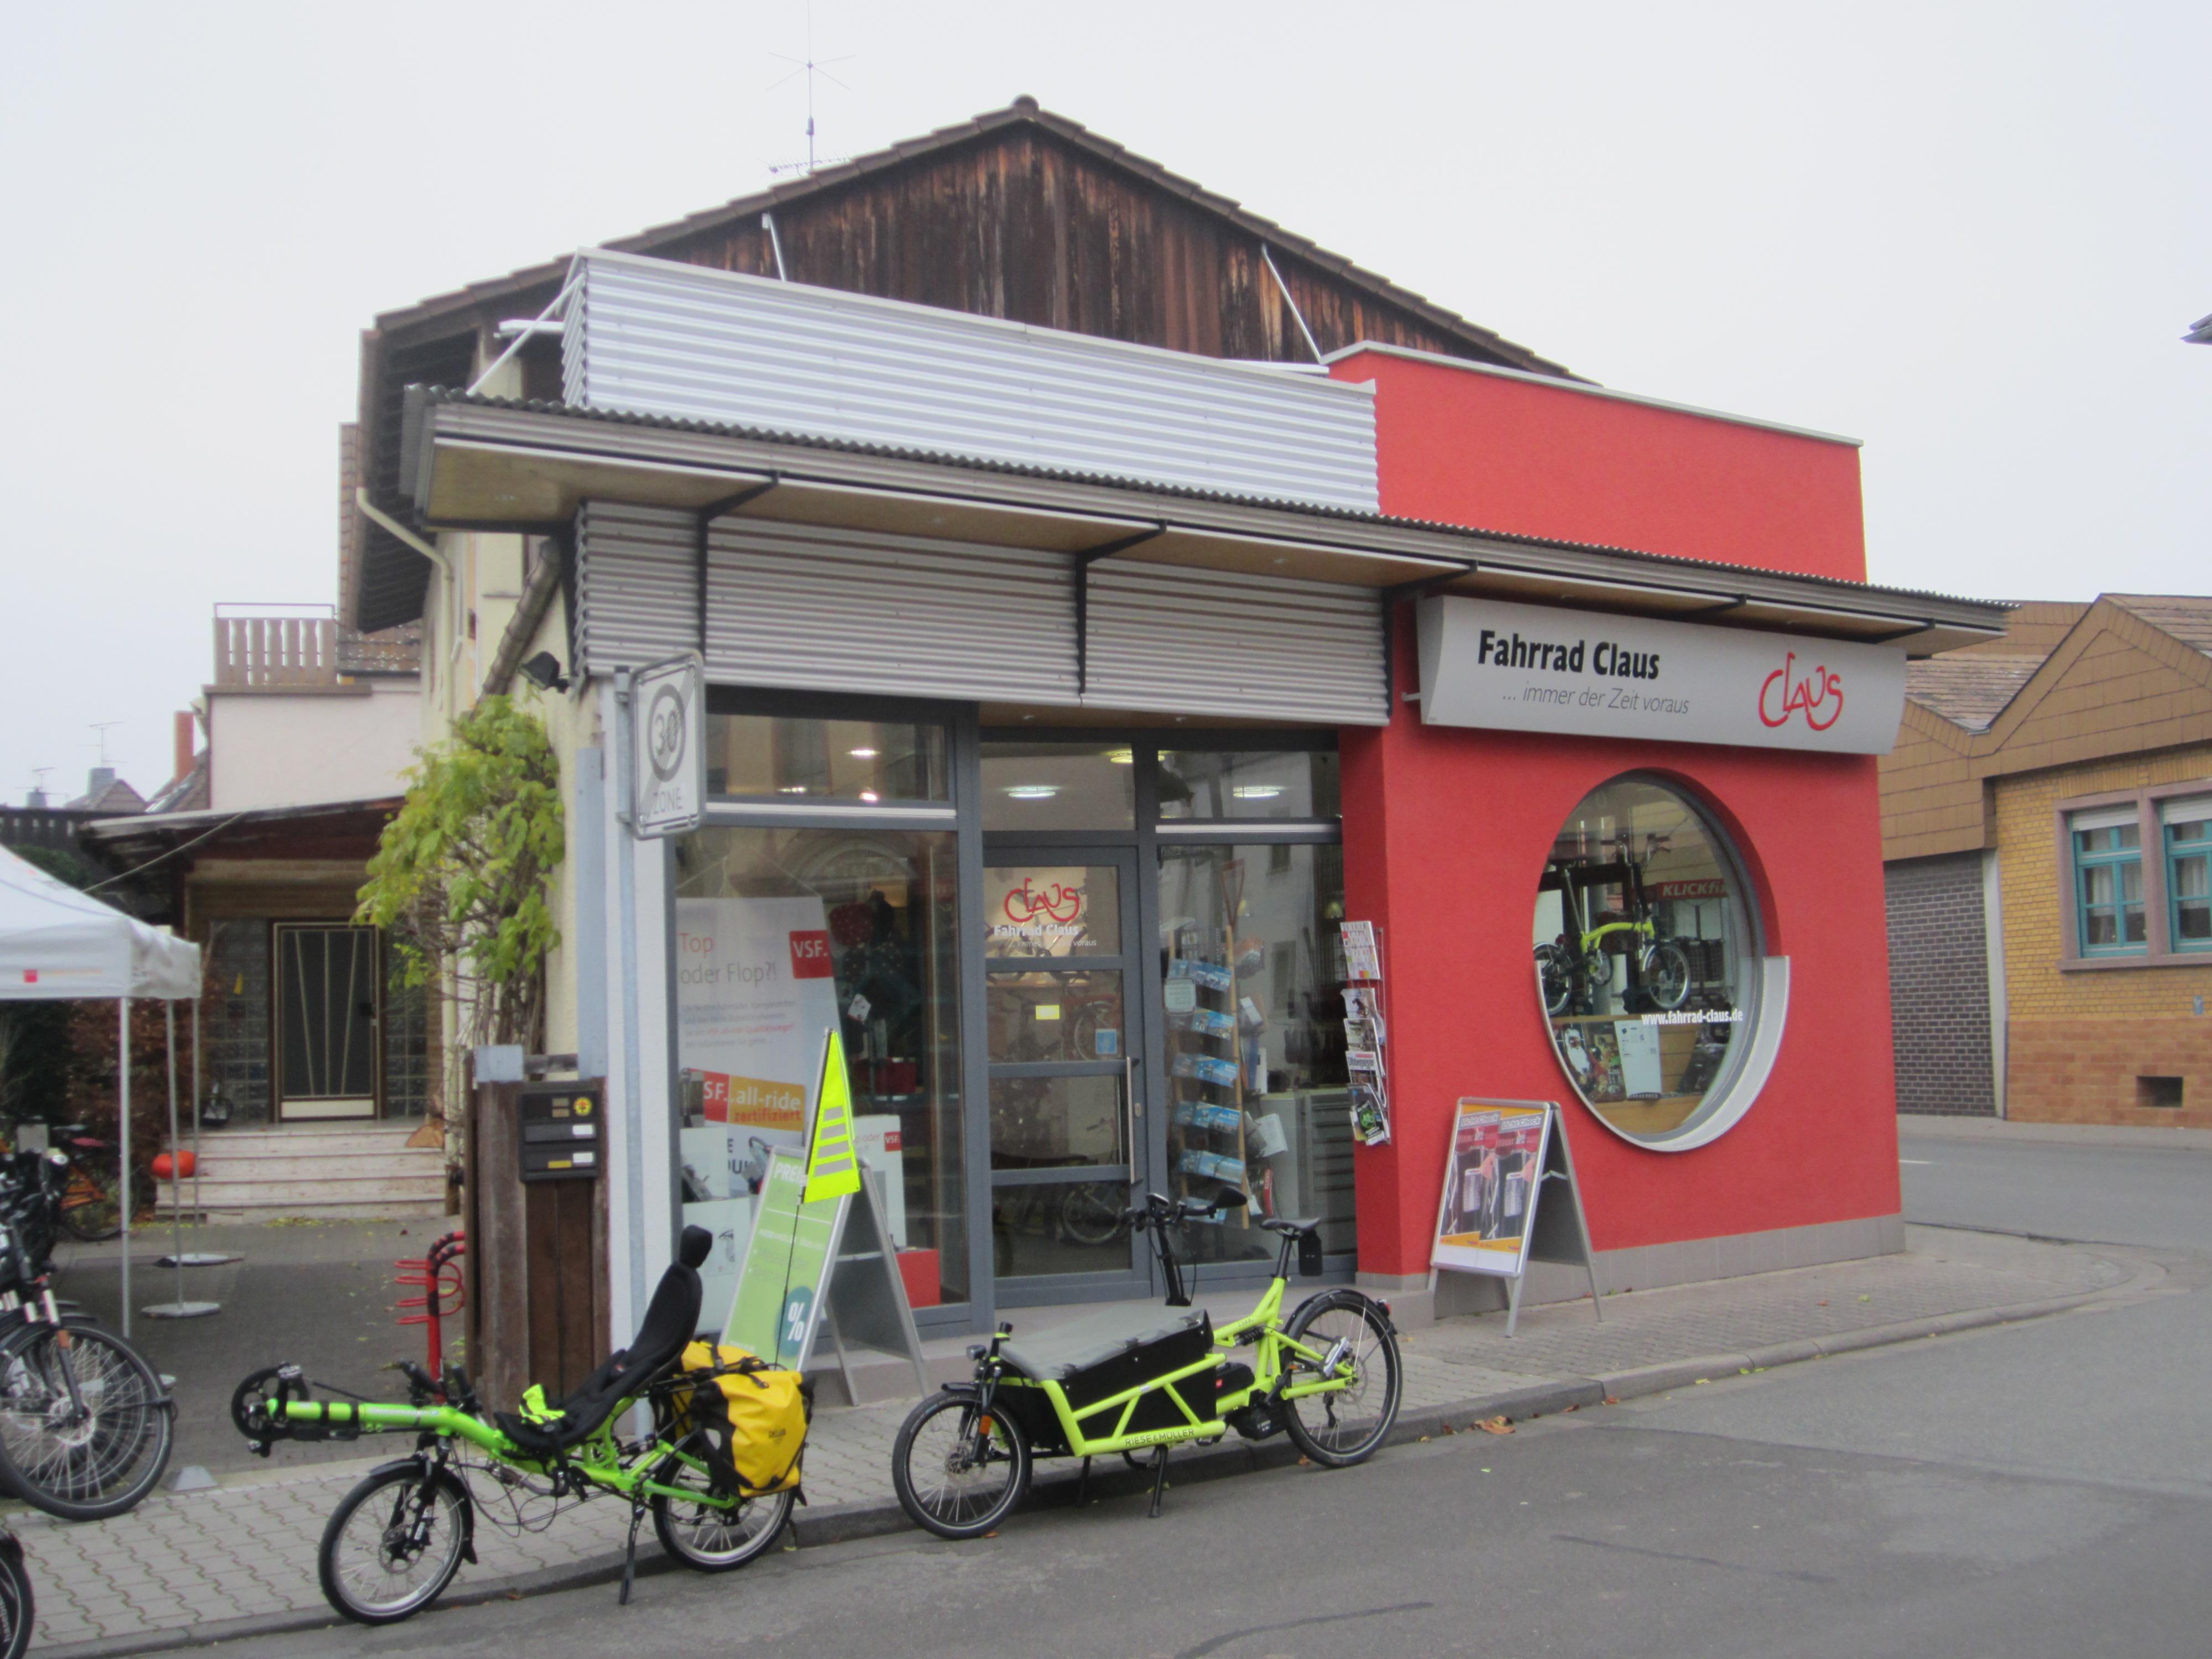 Mein Premiumhändler Fahrrad Claus (Bild: Klaus Dapp)